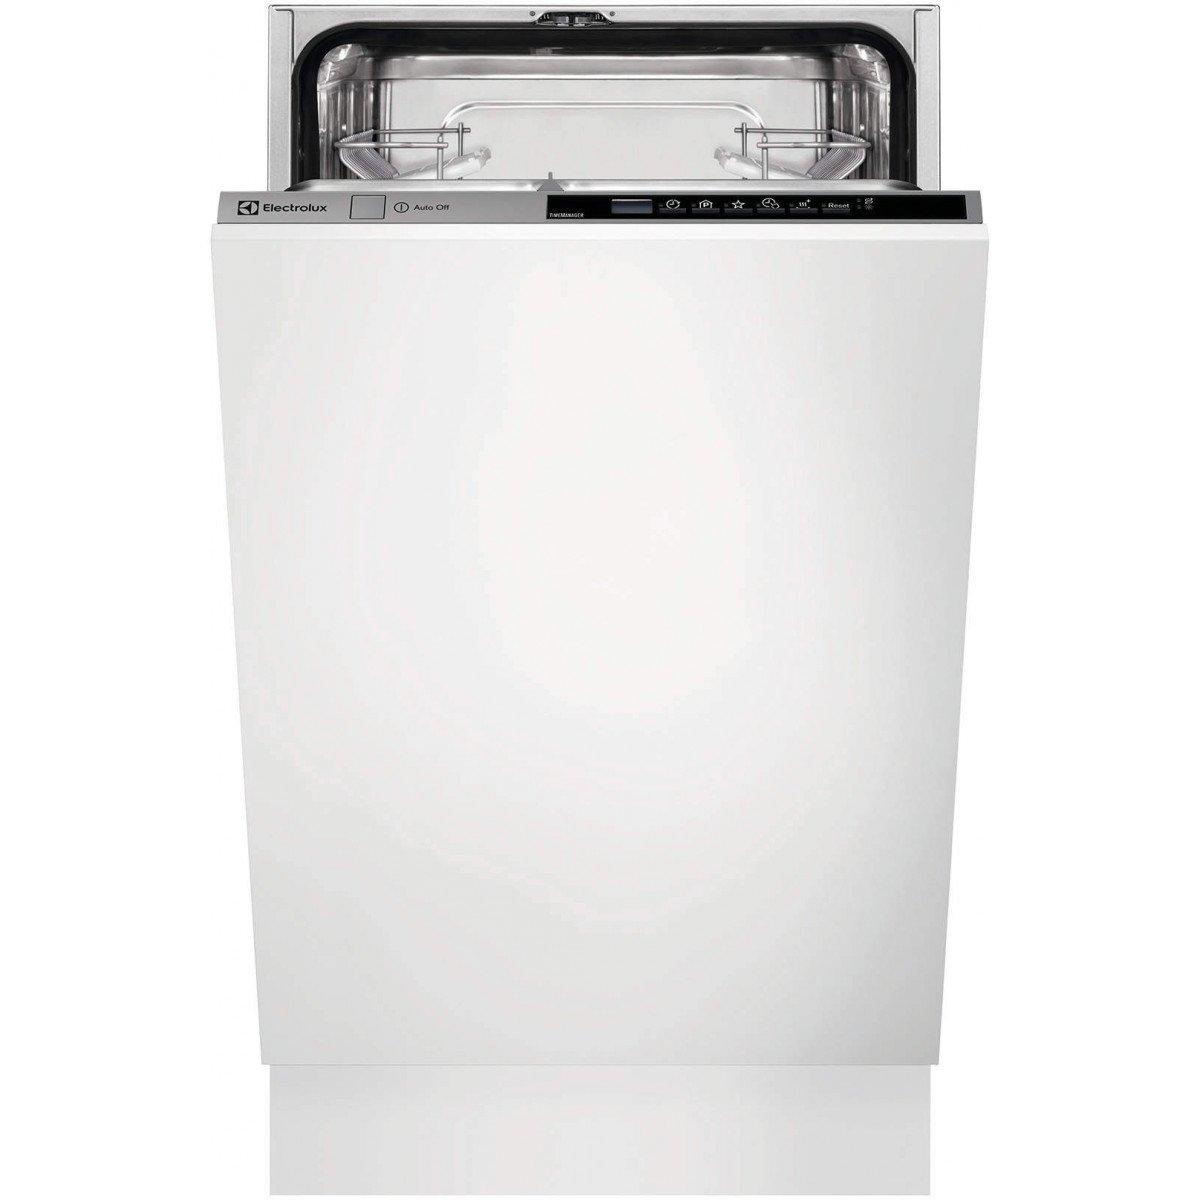 Electrolux ESL4510LO Totalmente integrado 9cubiertos A+ lavavajilla - Lavavajillas (Totalmente integrado, Blanco, Slimline (45 cm), Negro, Gris, Sensor, ...